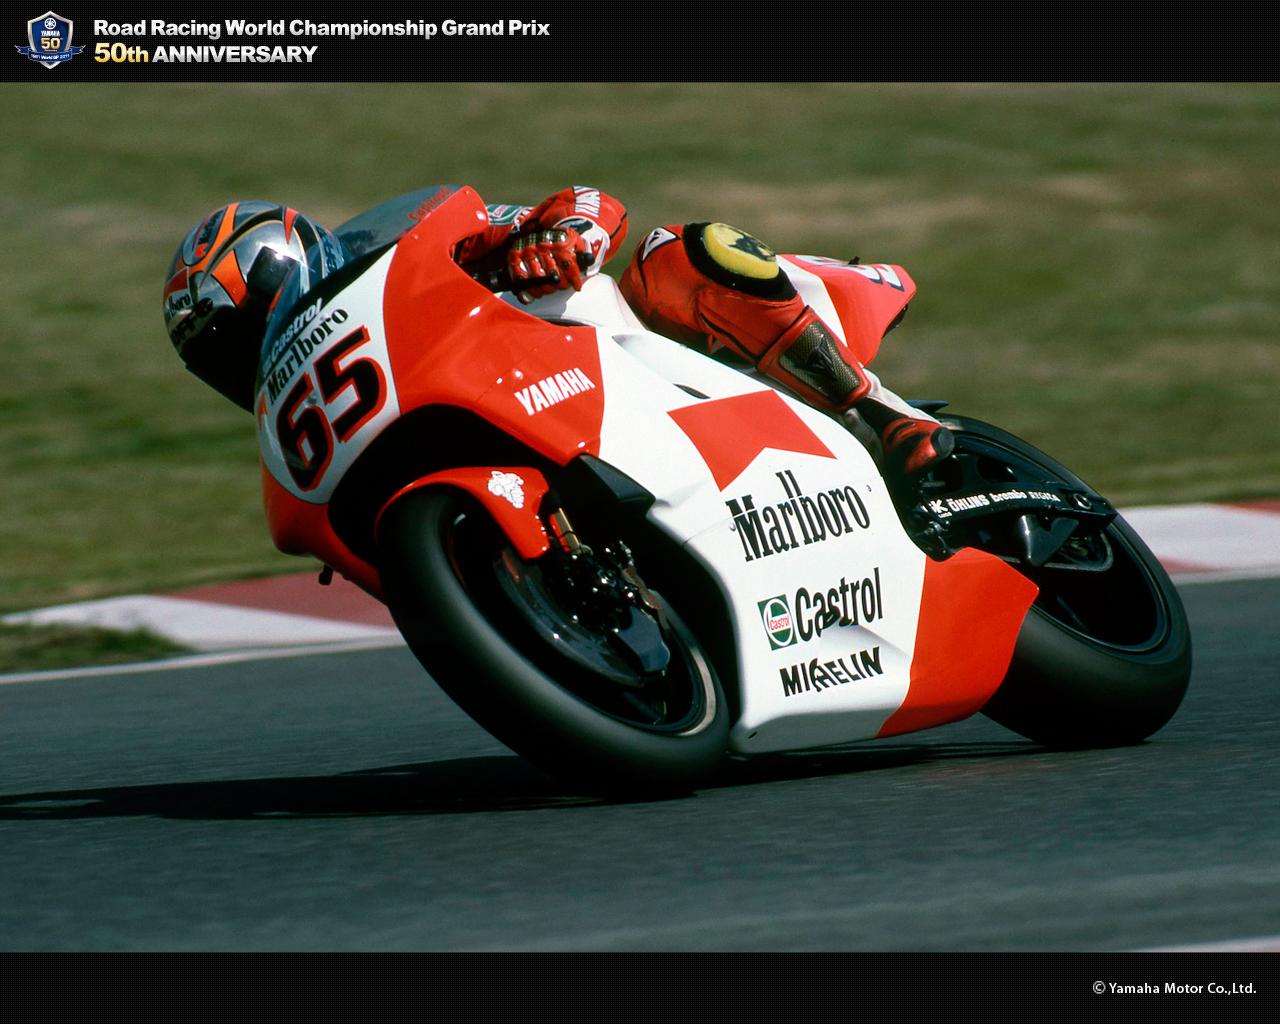 Loris Capirossi - race   Yamaha Motor Co., Ltd.